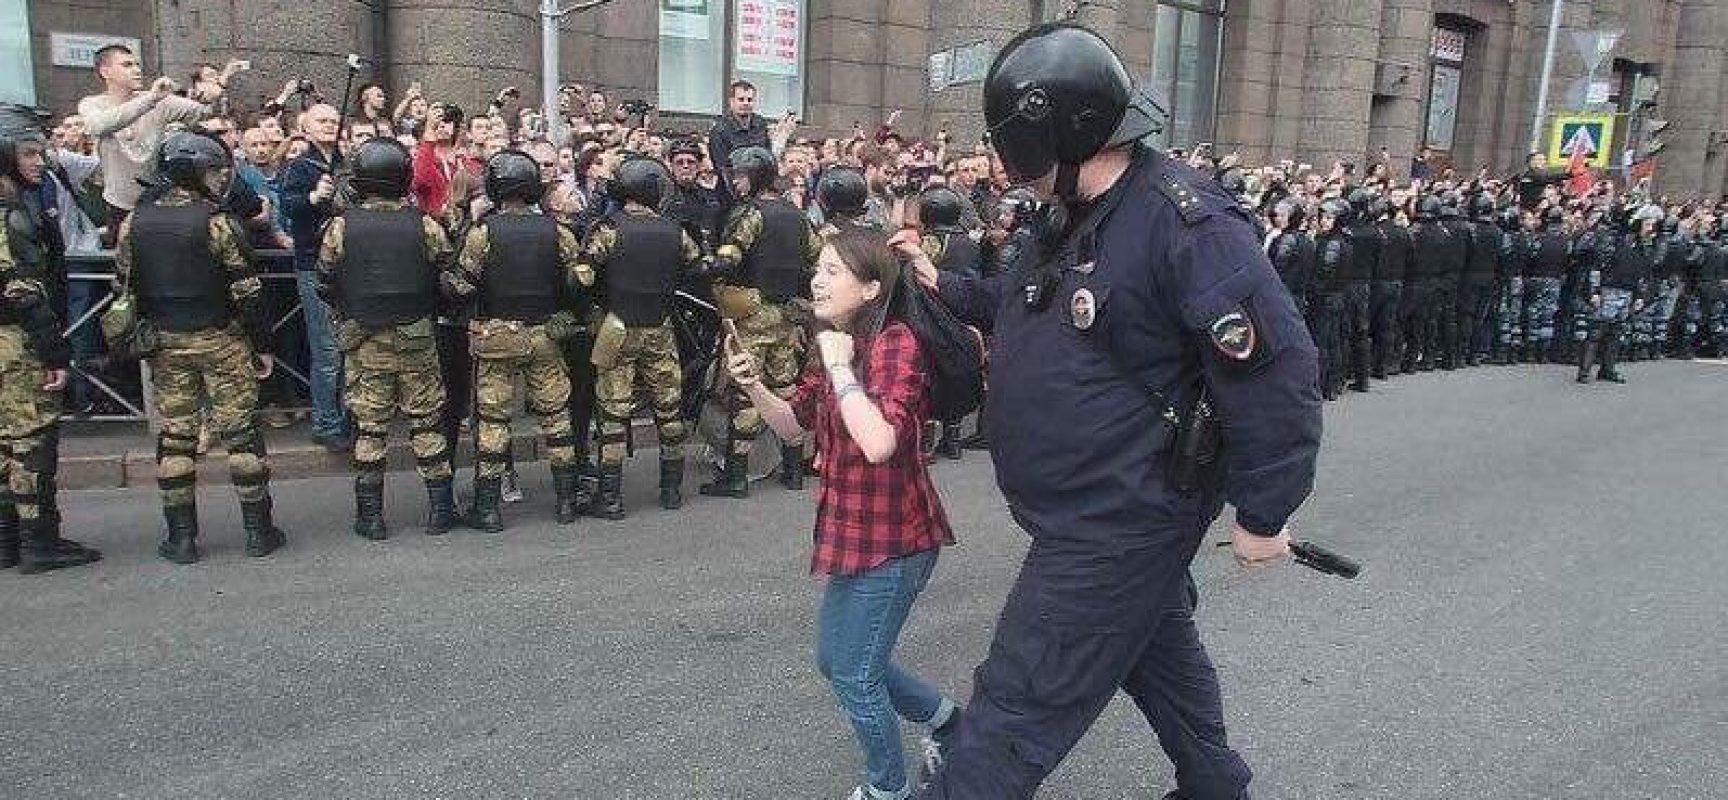 La repressione in Russia non trova spazio nella RAI di Foa